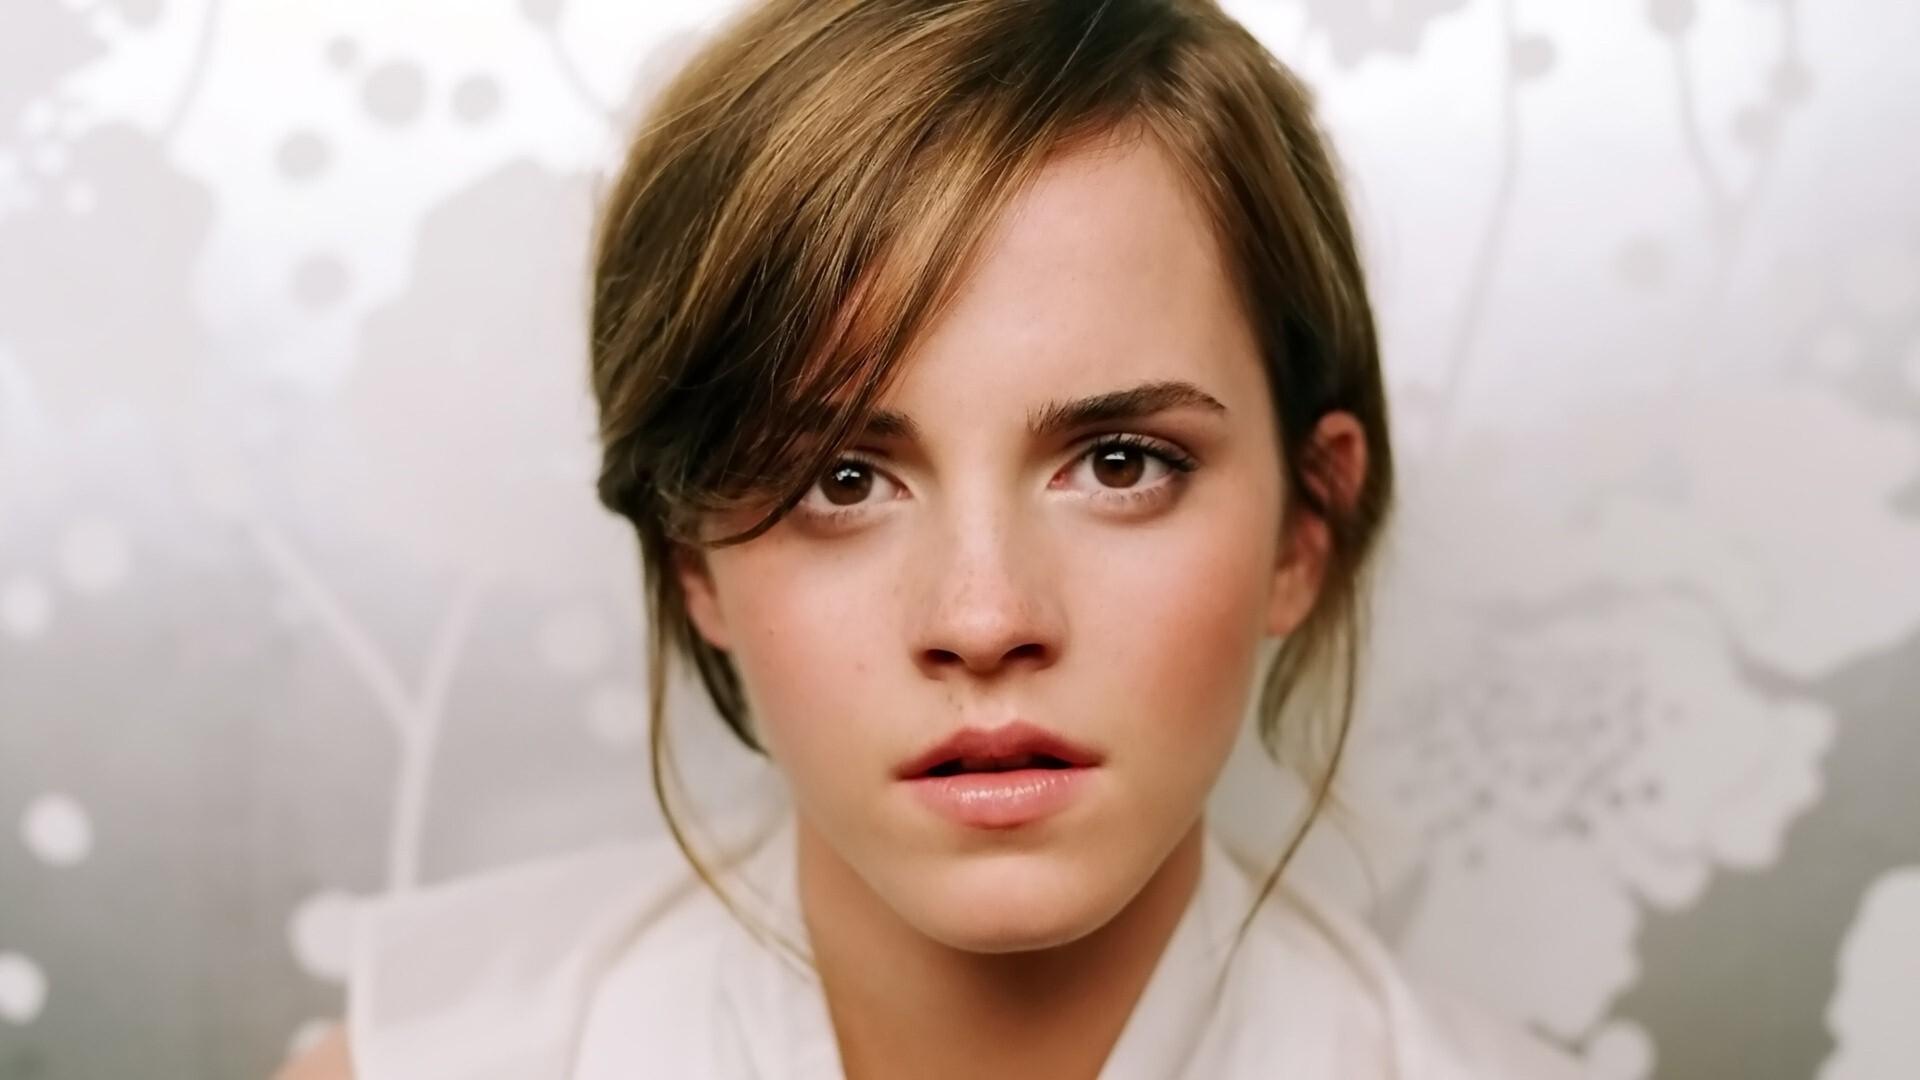 ... emma watson downloads 1644 tags emma watson hollywood celebrities Emma Watson